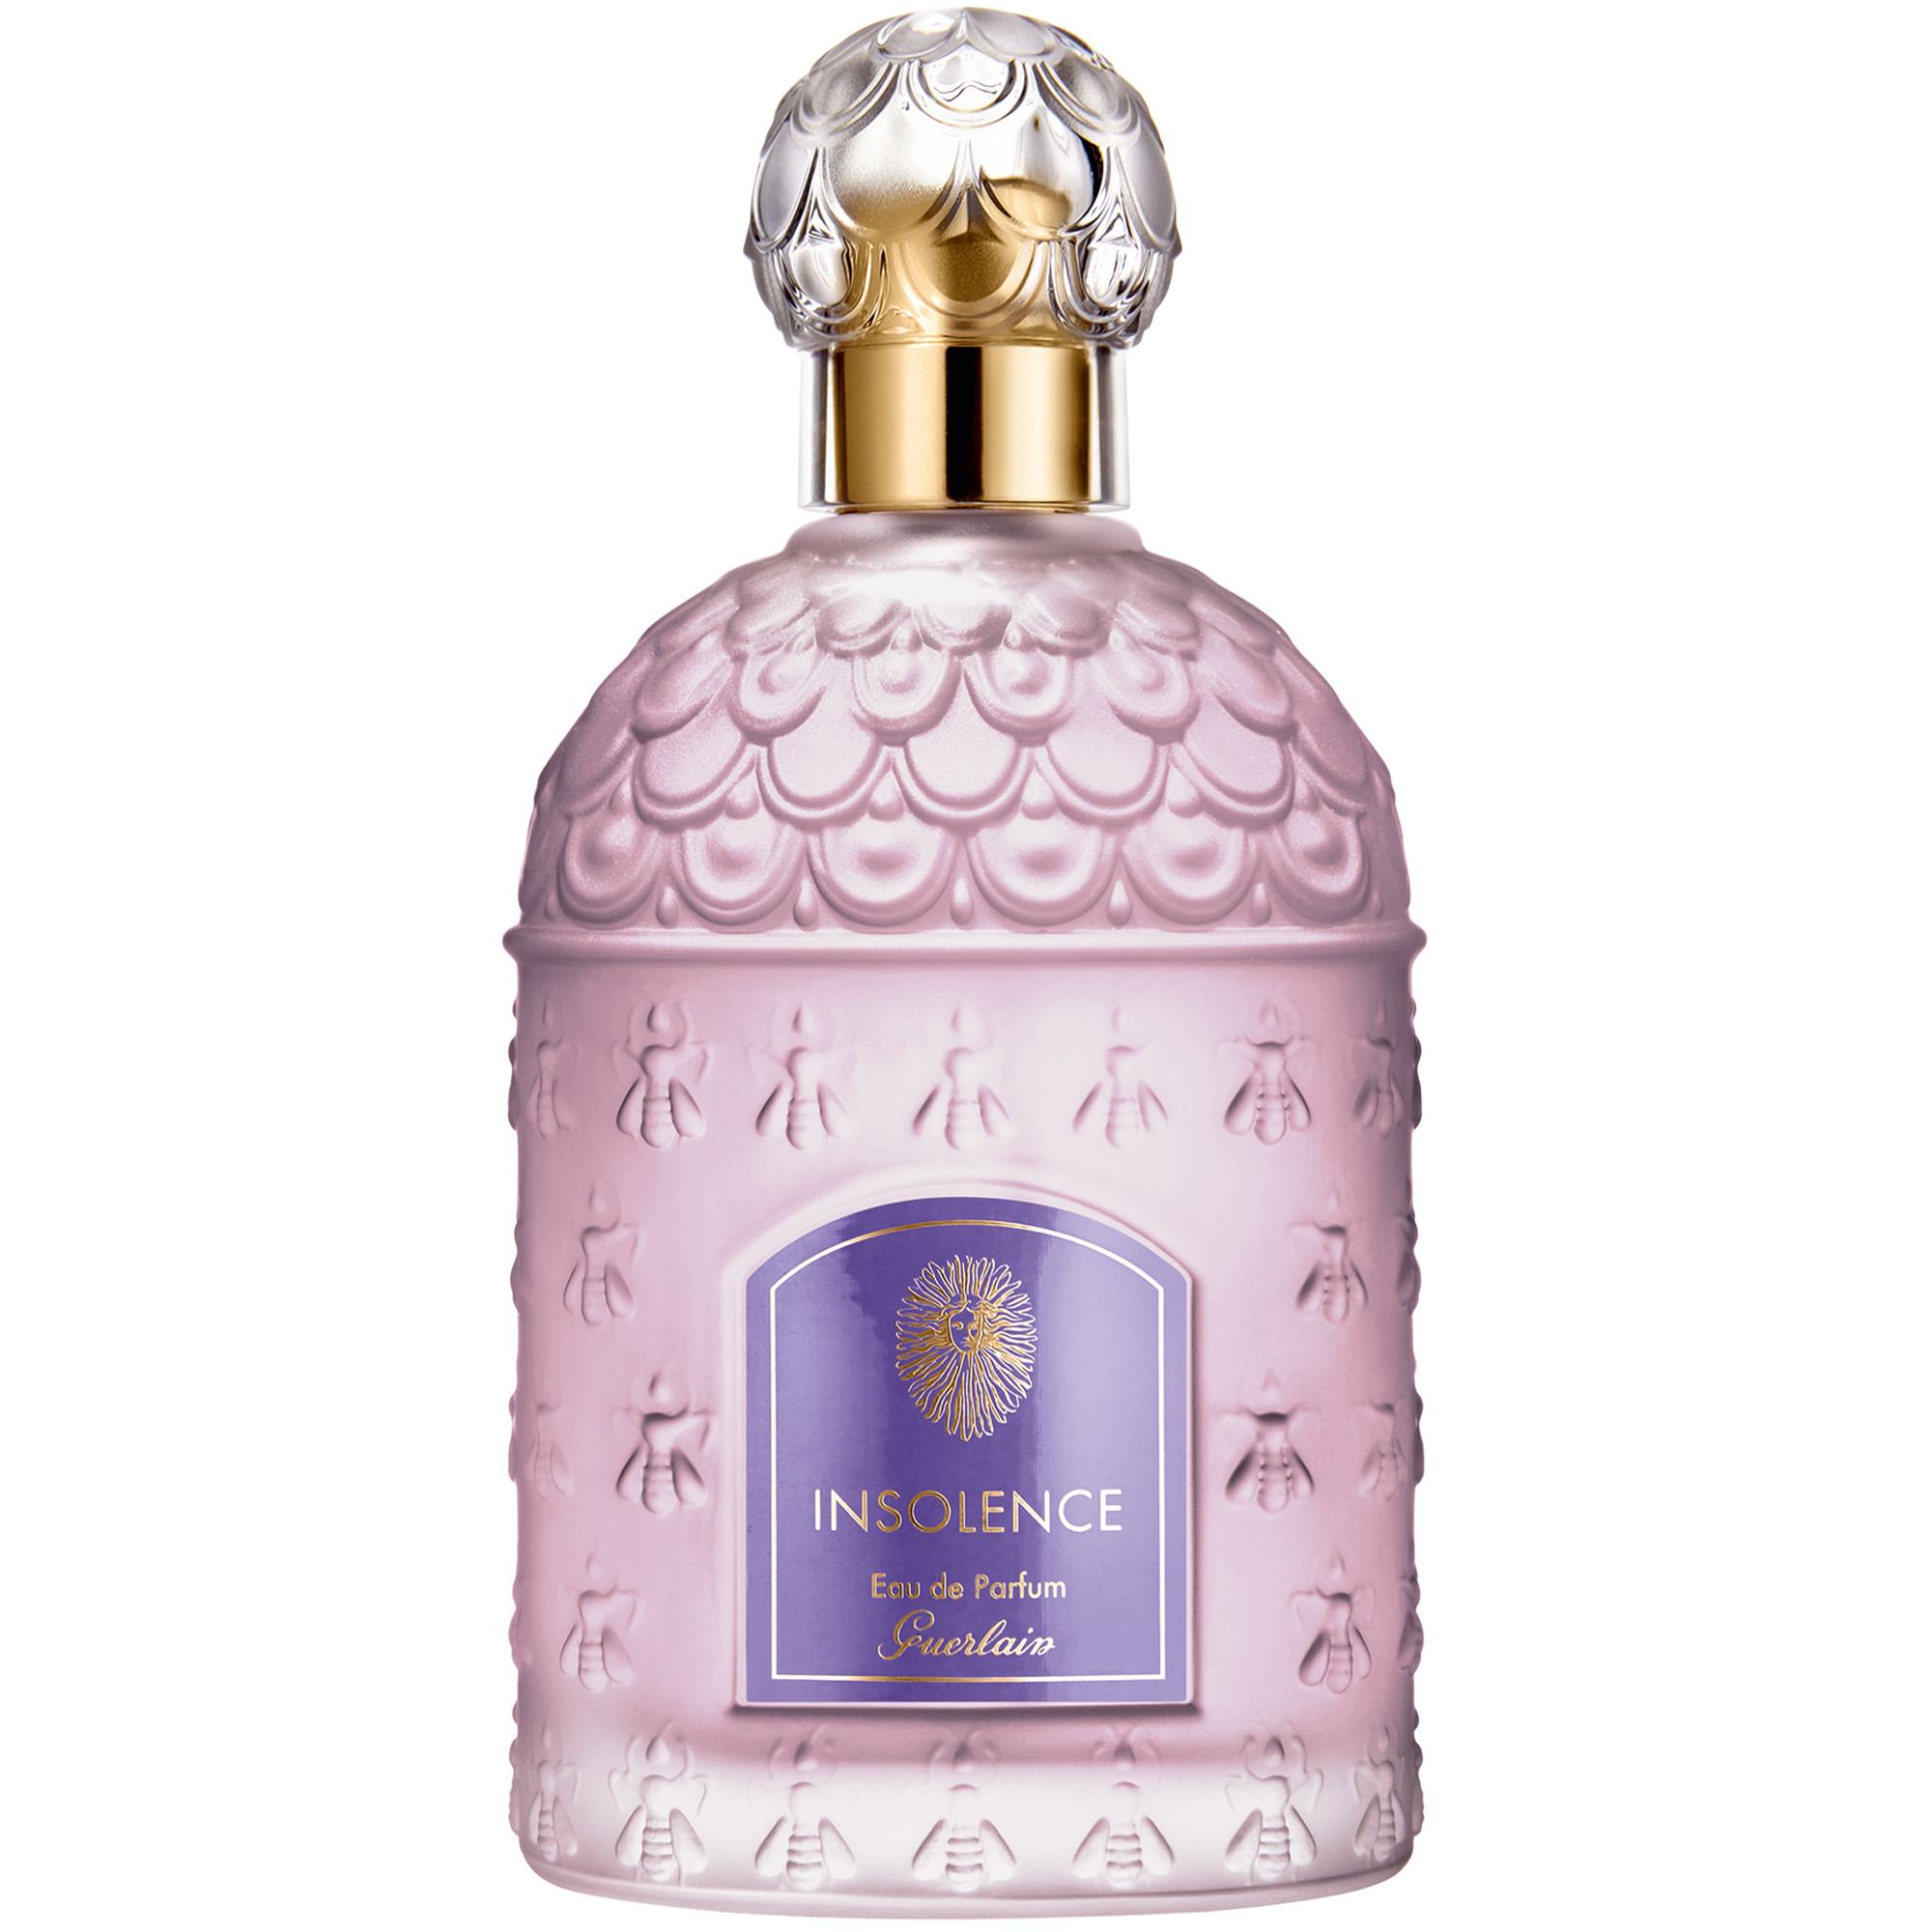 Insolence Eau de Parfum 30ml